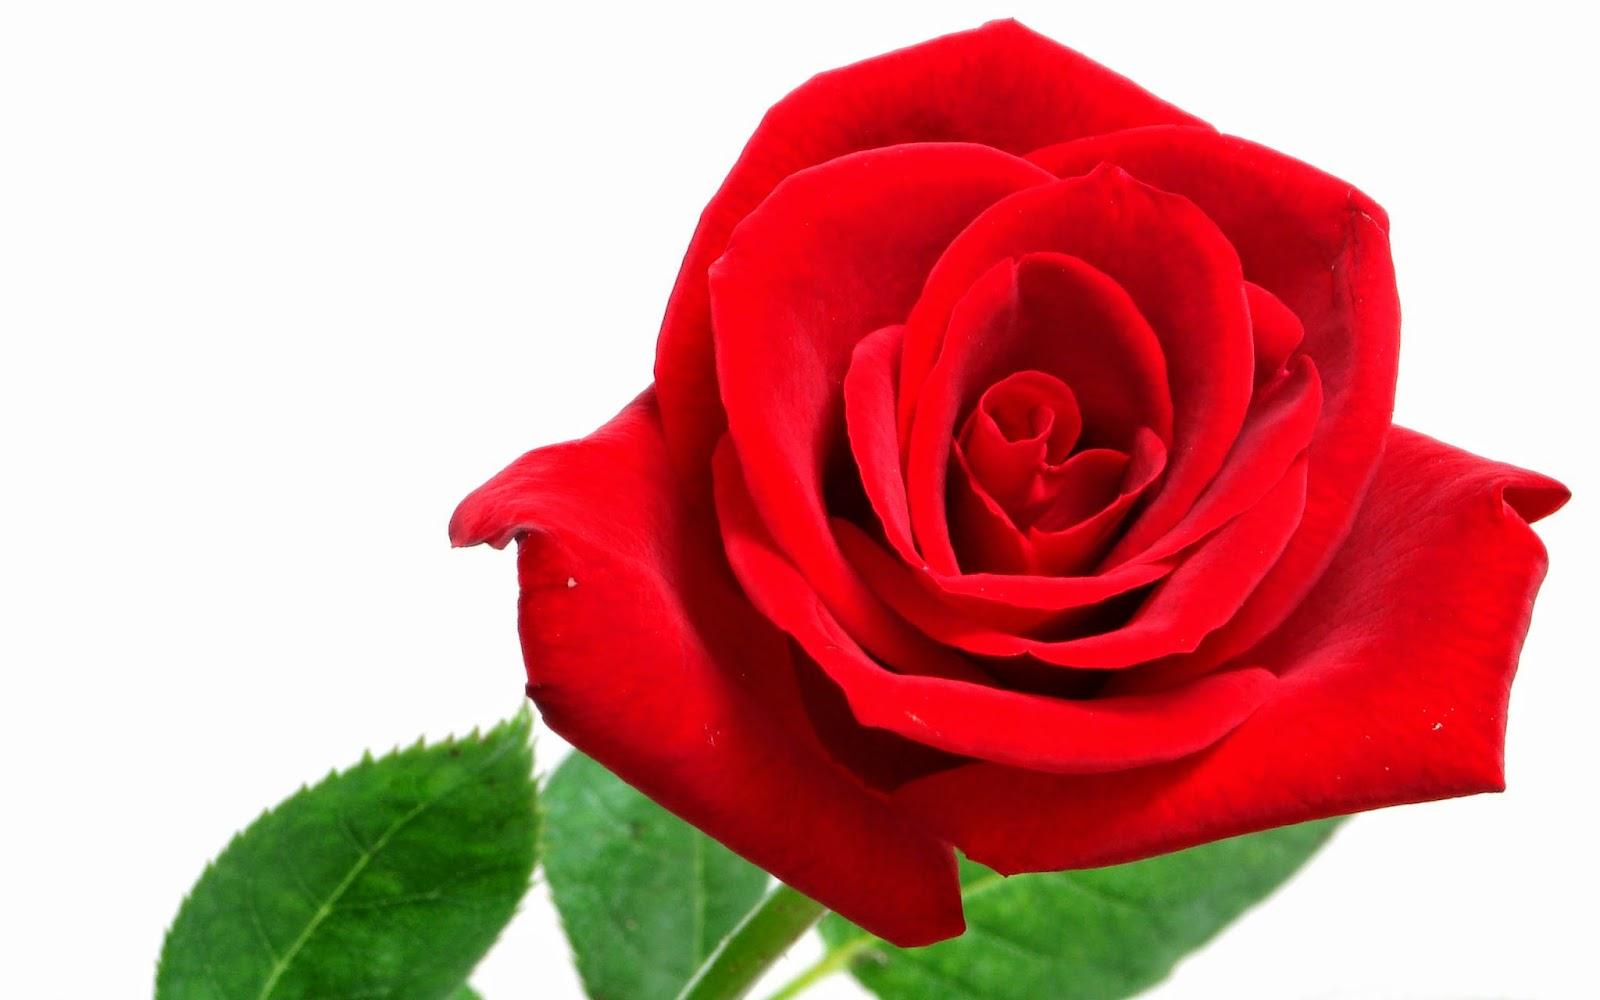 Roses wallpaper pics for screen wallpapersafari - Hd flower wallpaper rose ...